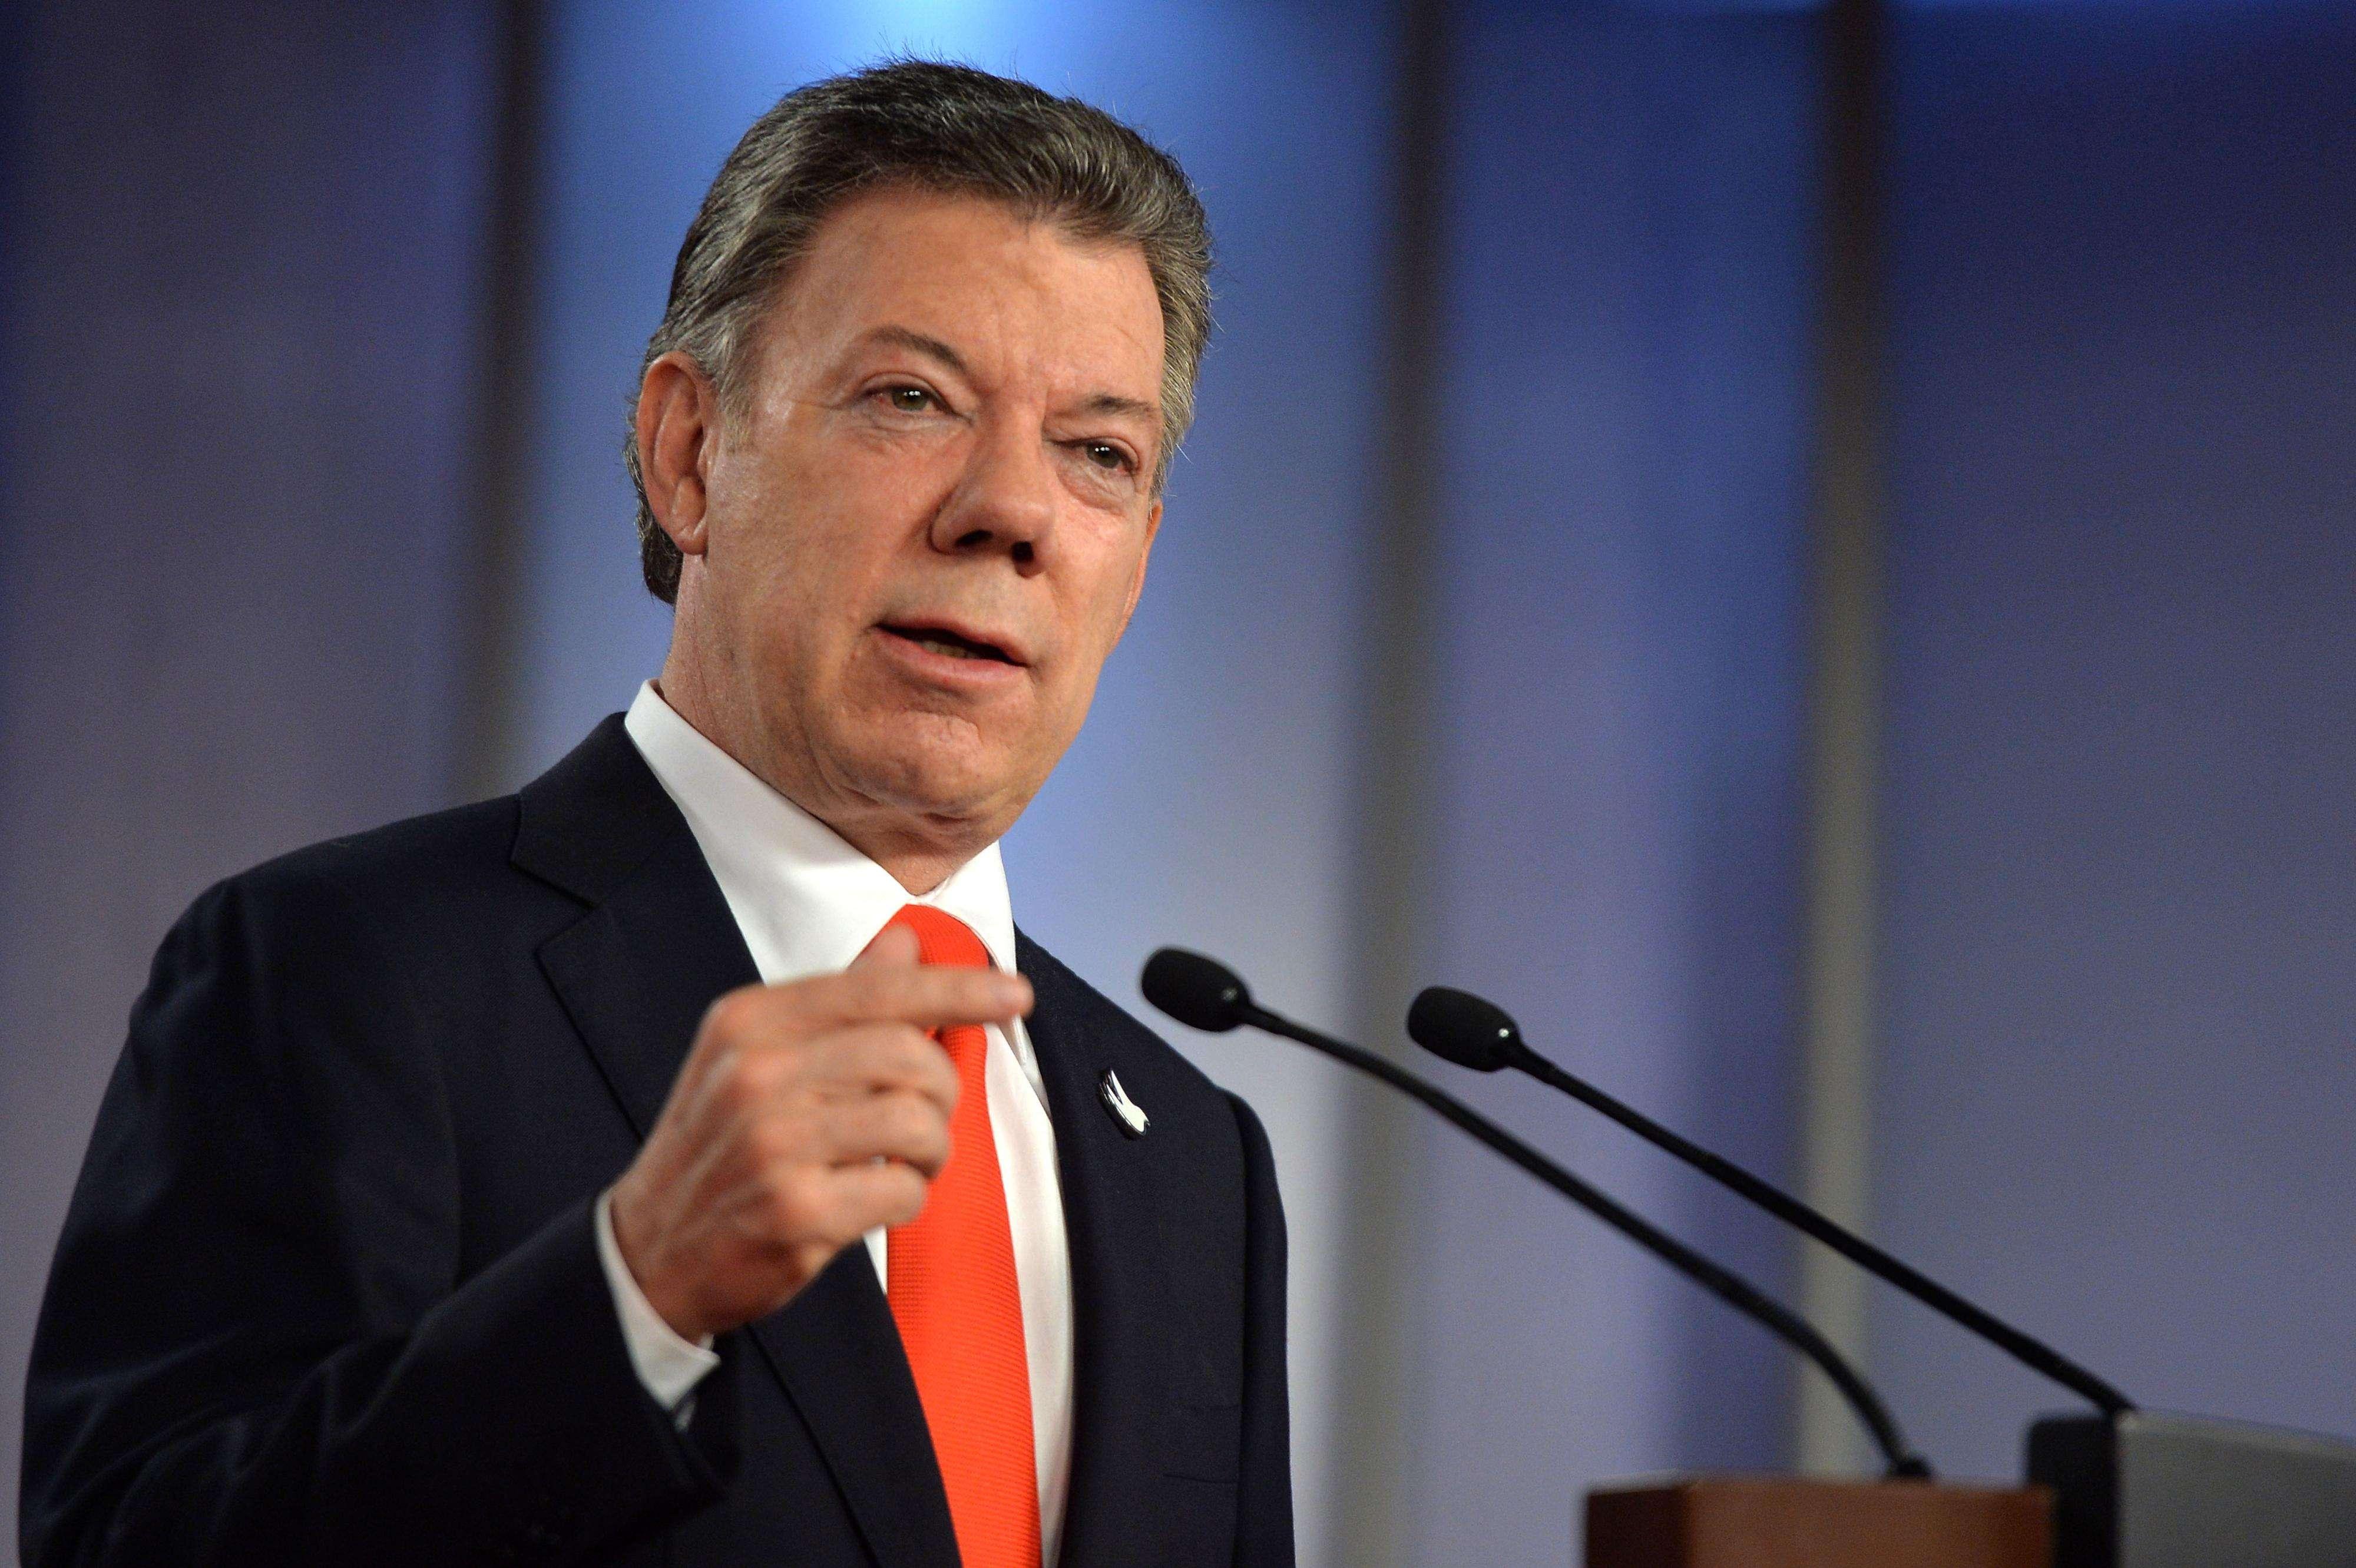 Foto: Andrés Piscov - SIG/Presidencia de la República de Colombia